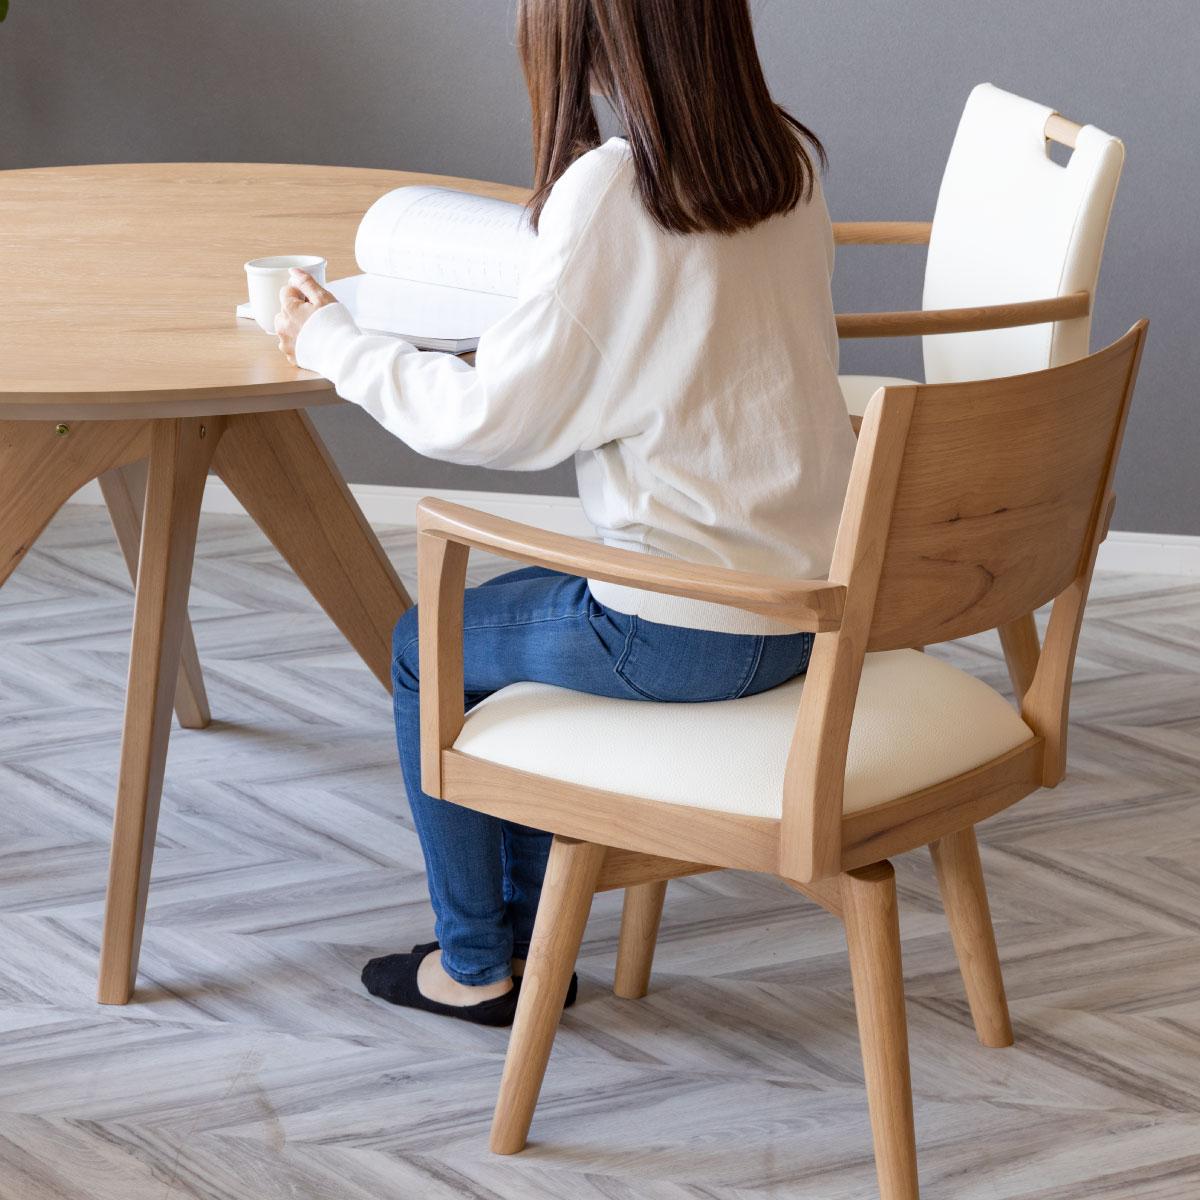 [幅120/高さ70] AR ダイニングセット ダイニング 5点セット 4人掛け ROUND ( 丸テーブル, チェア 4脚)